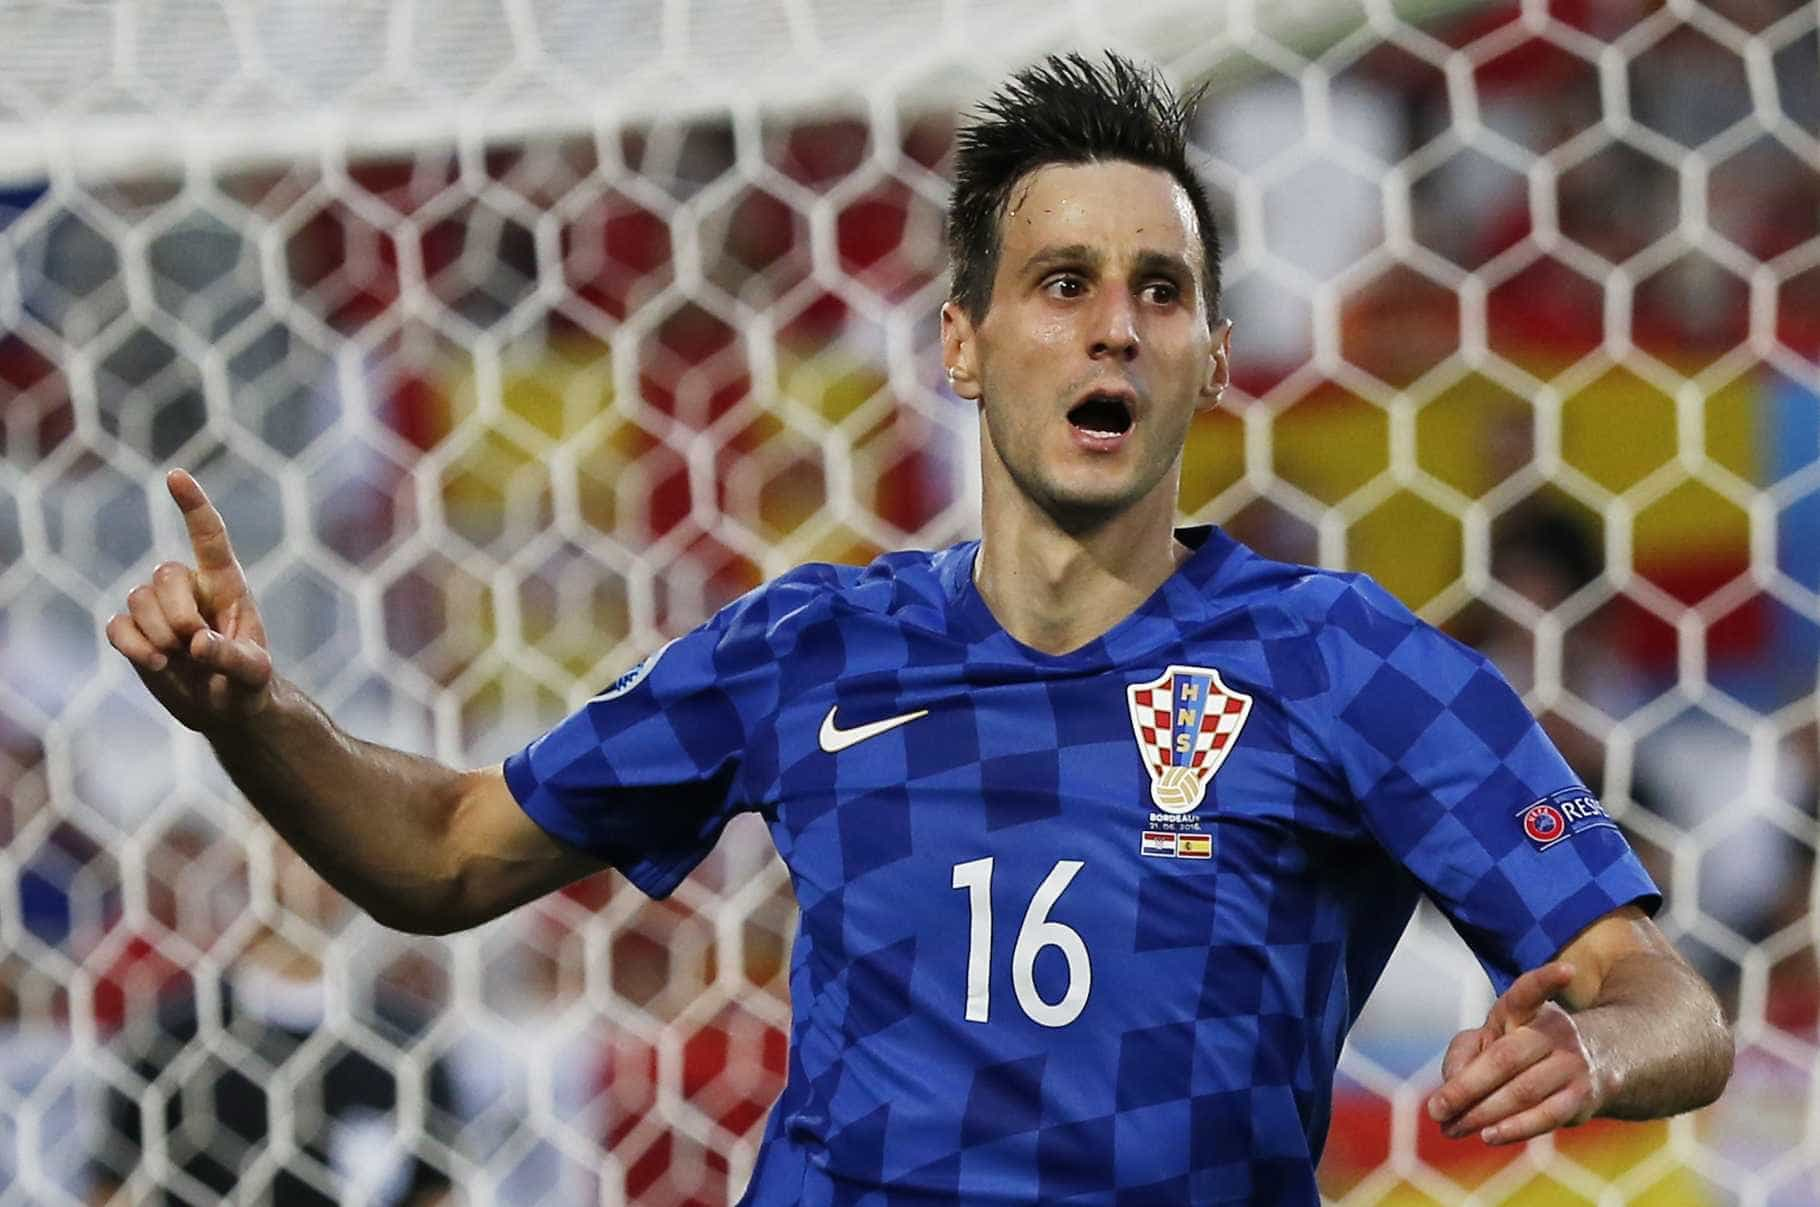 Técnico da Croácia corta atacante que se recusou a jogar